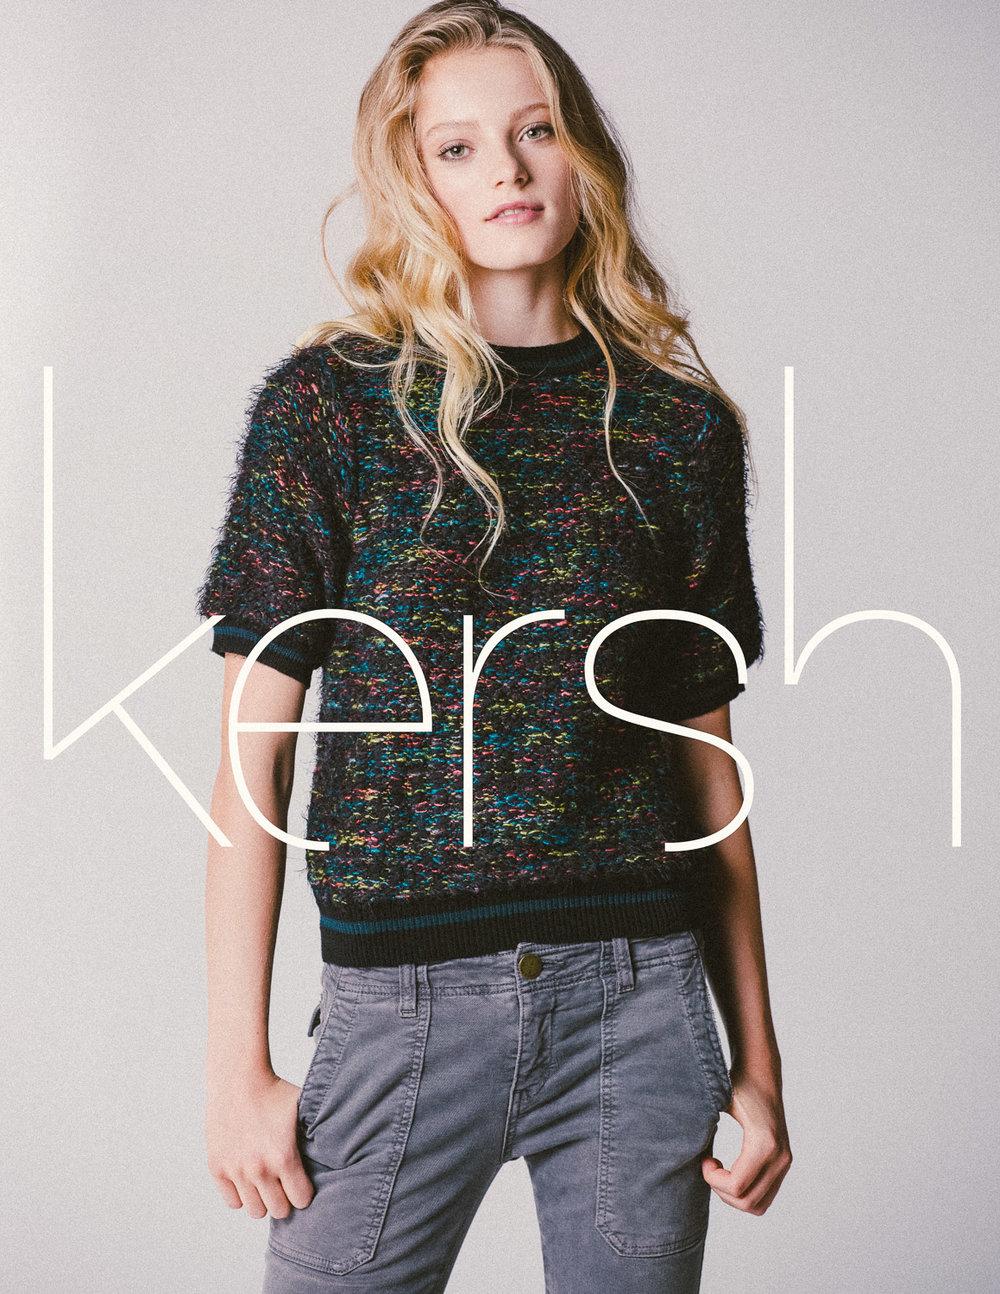 Kersh-F16-23591.jpg